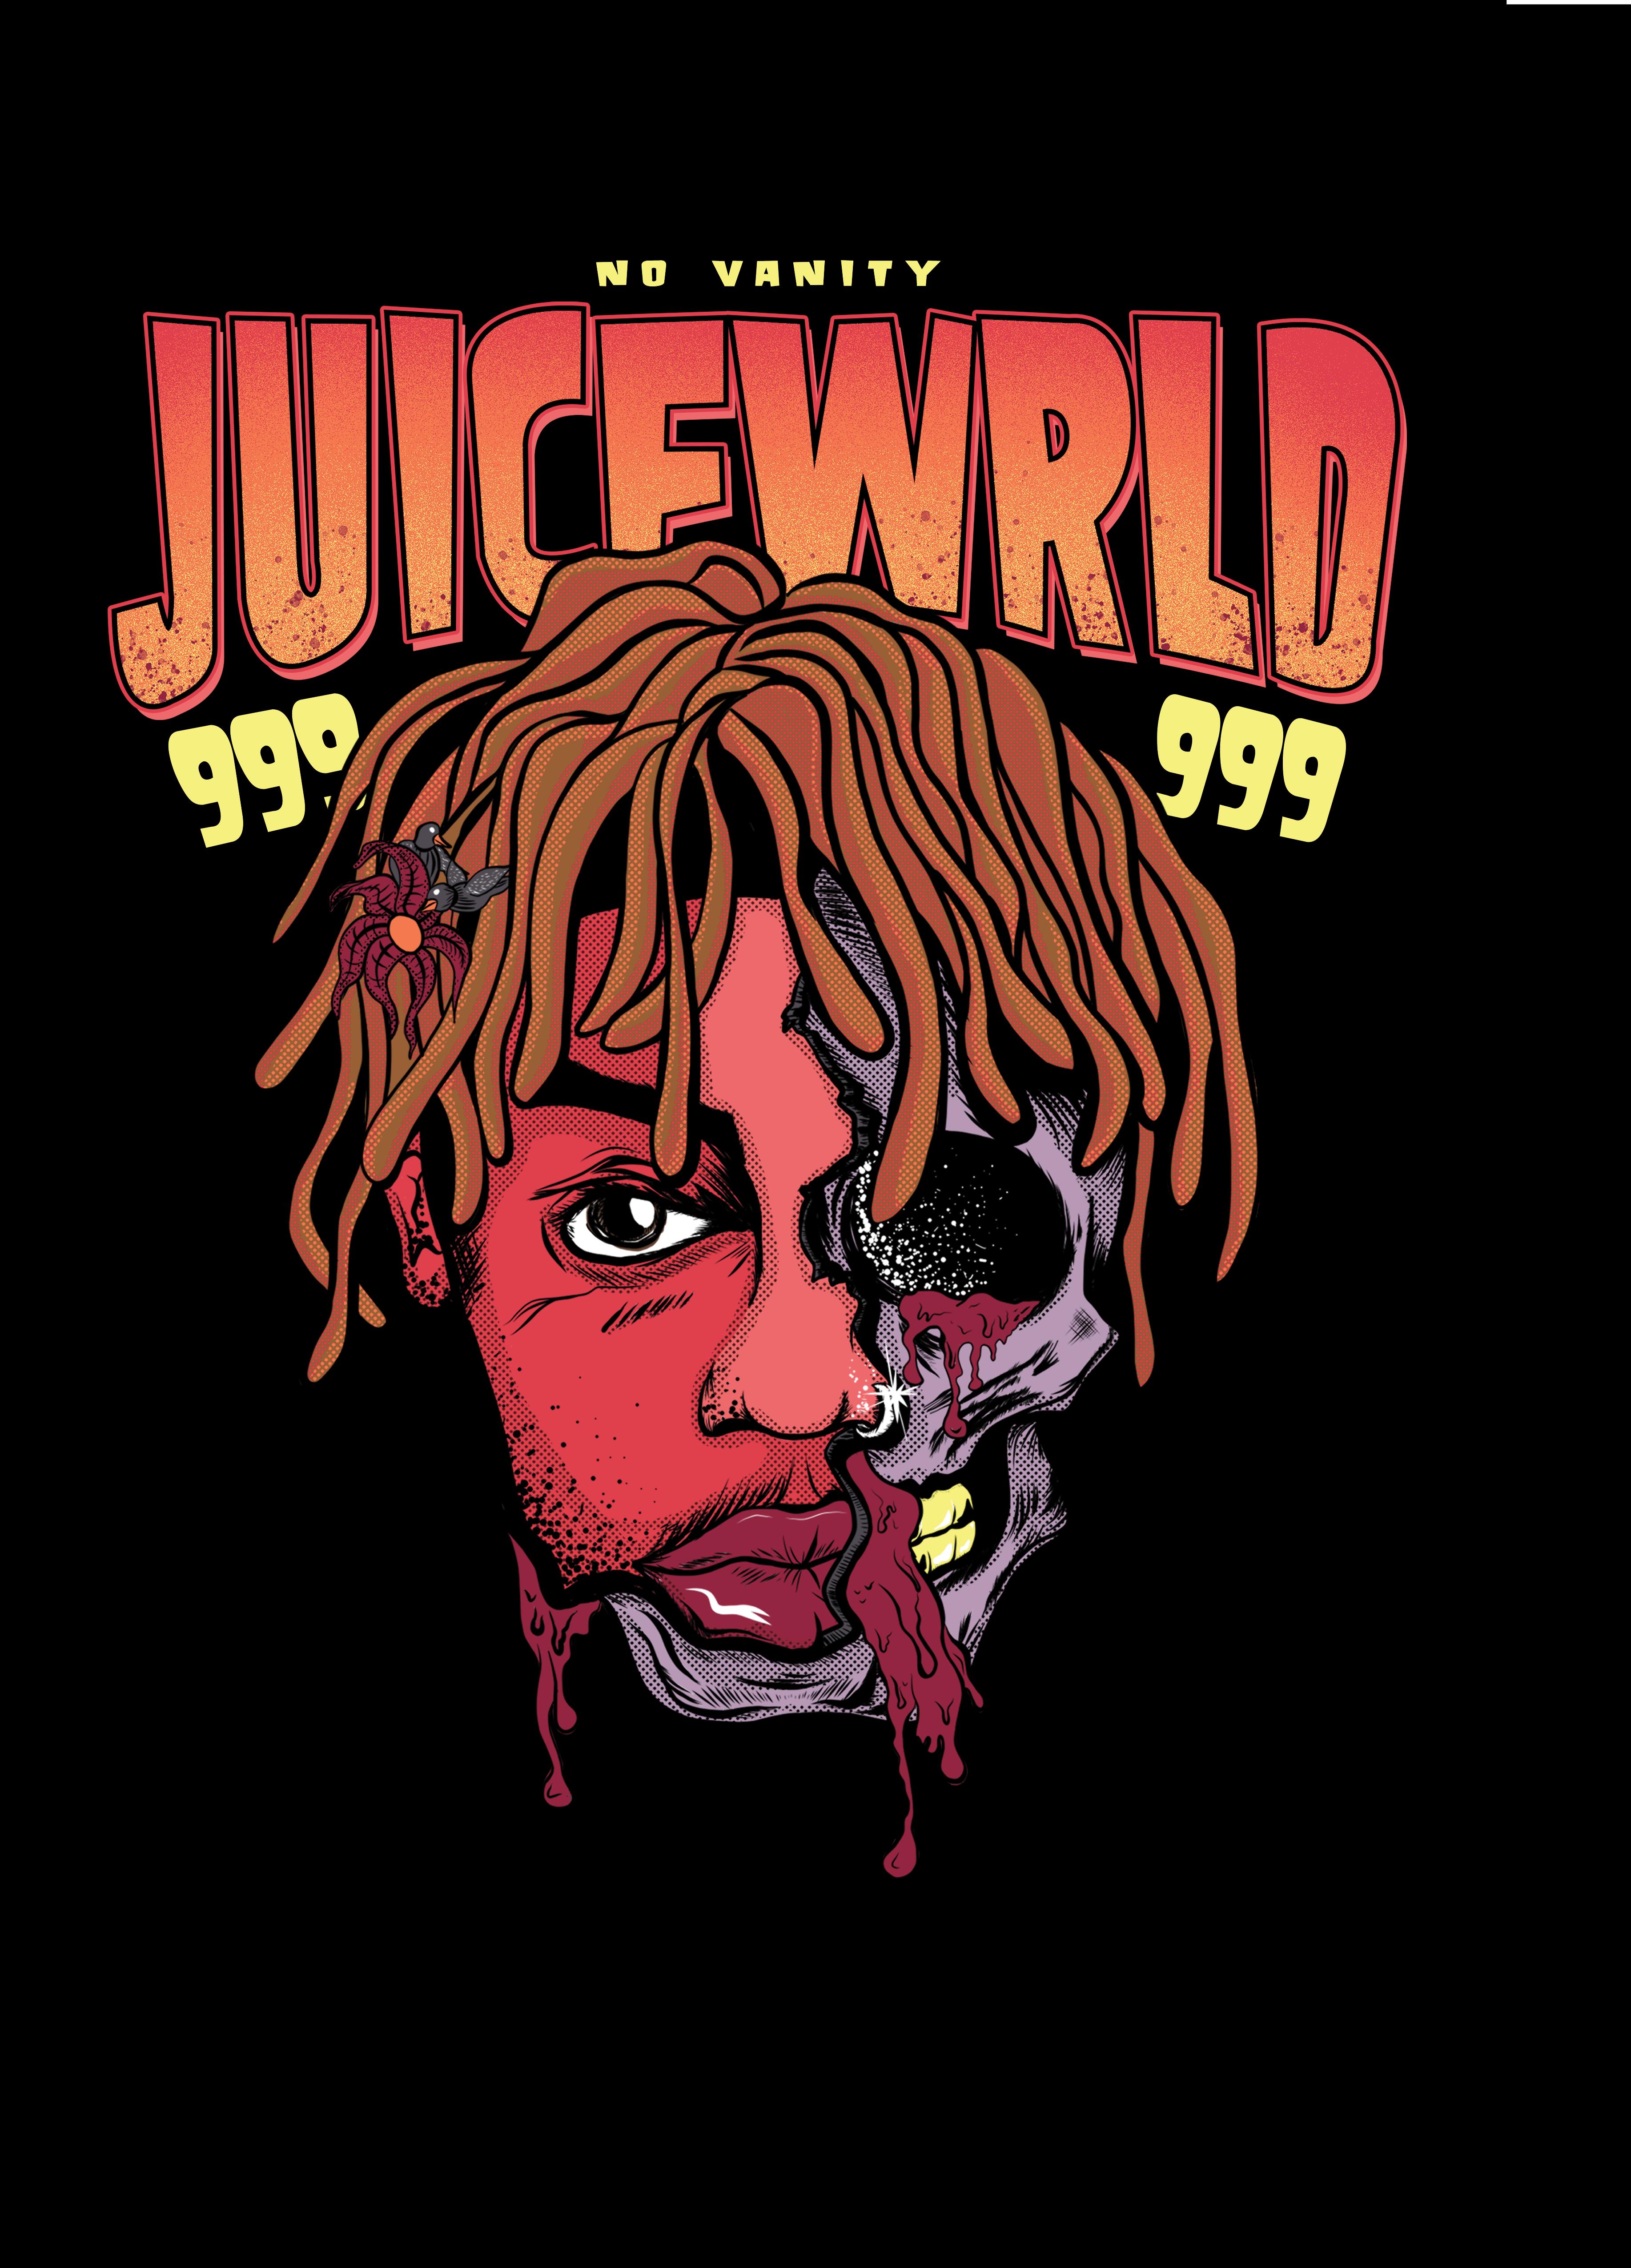 Juice wrld apple music